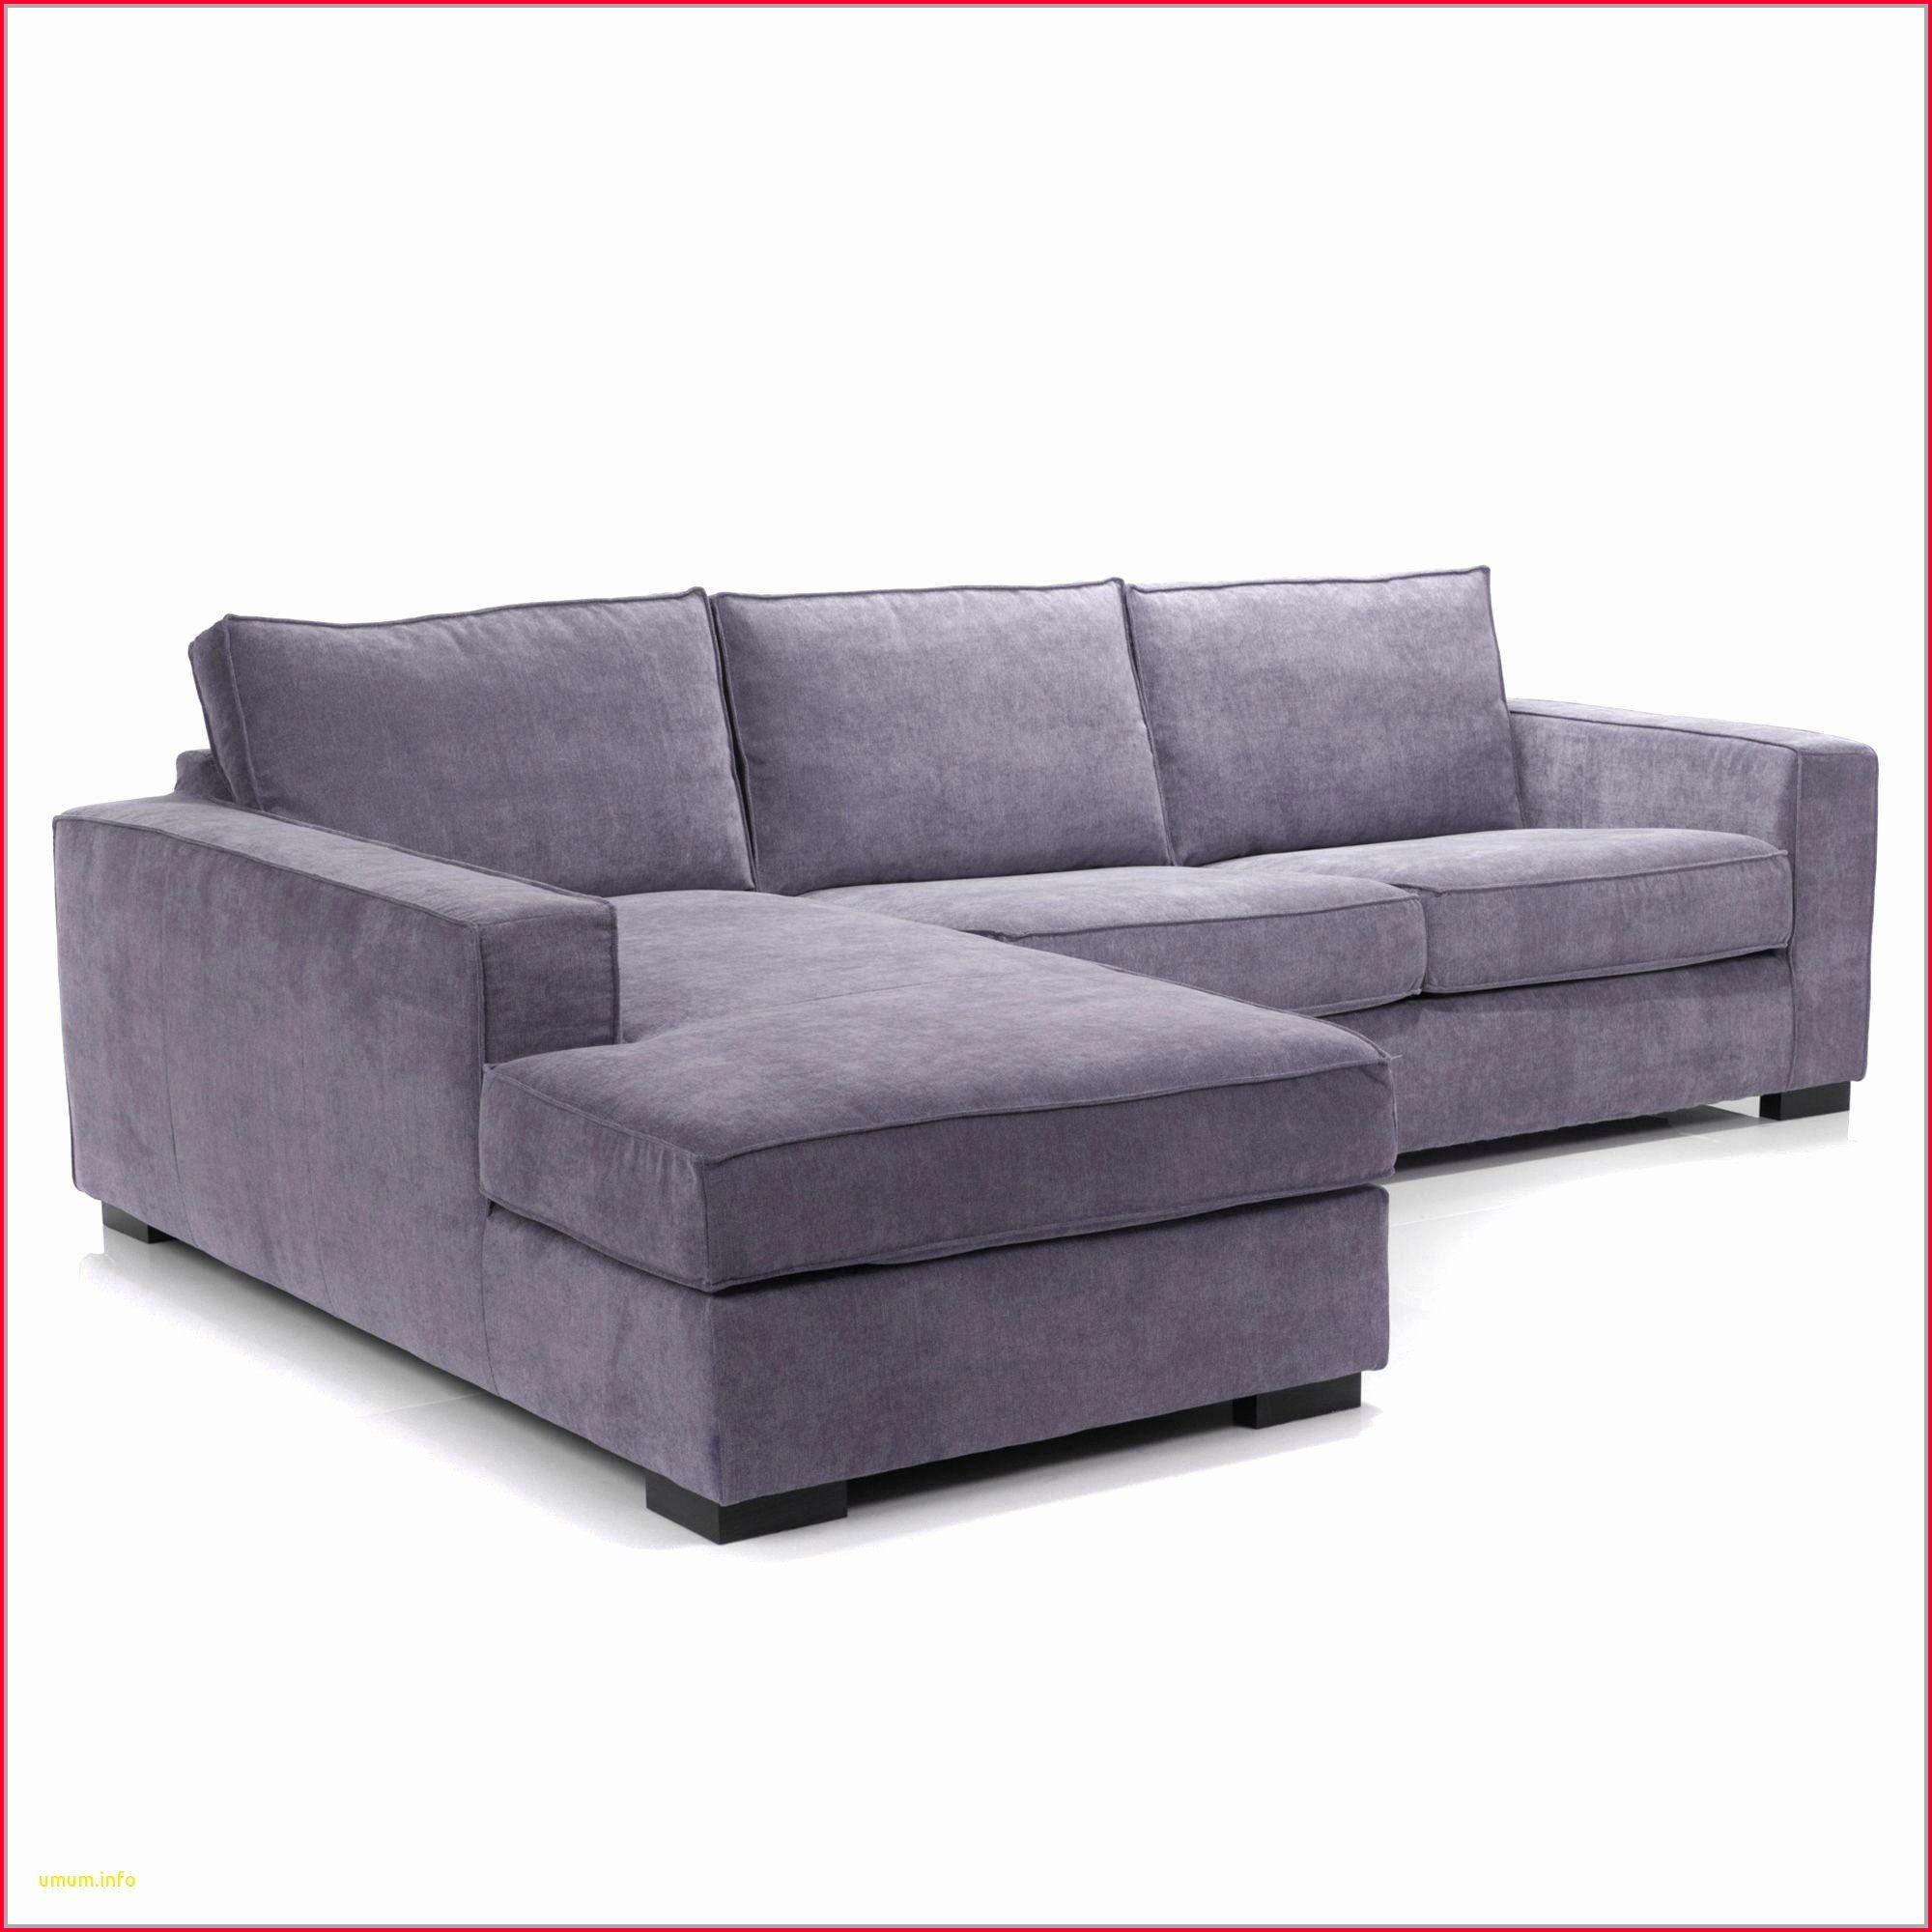 Canapé Lit Confortable Impressionnant étourdissant Canapé Angle Convertible But Avec Canapé Cama Bureau